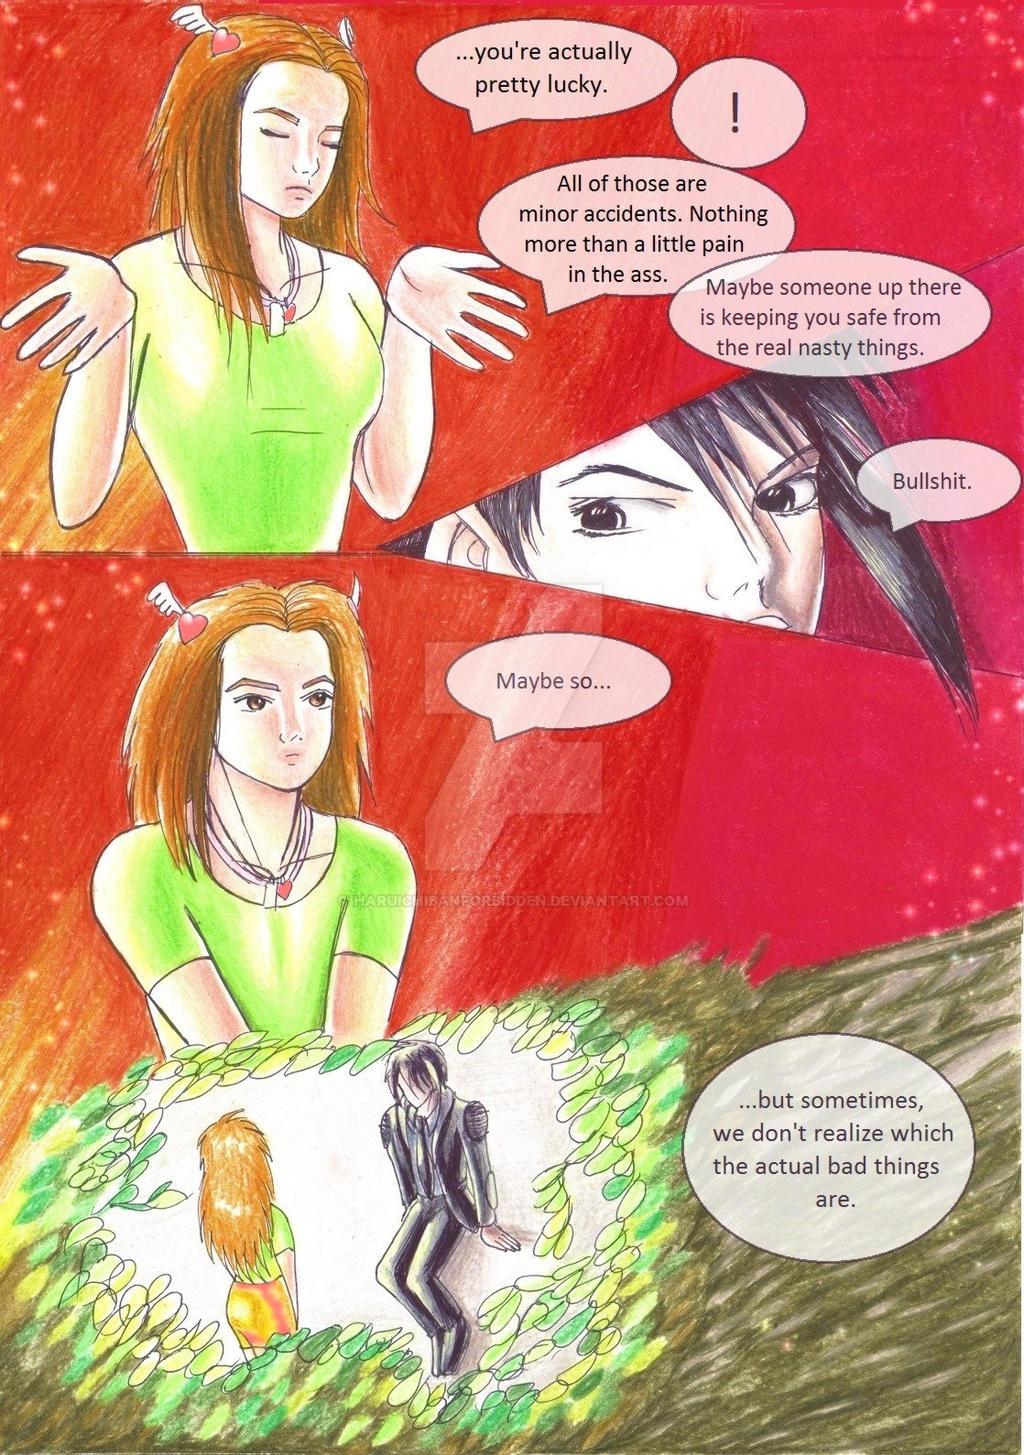 Forbidden - Page 25 by HaruIchibanForbidden